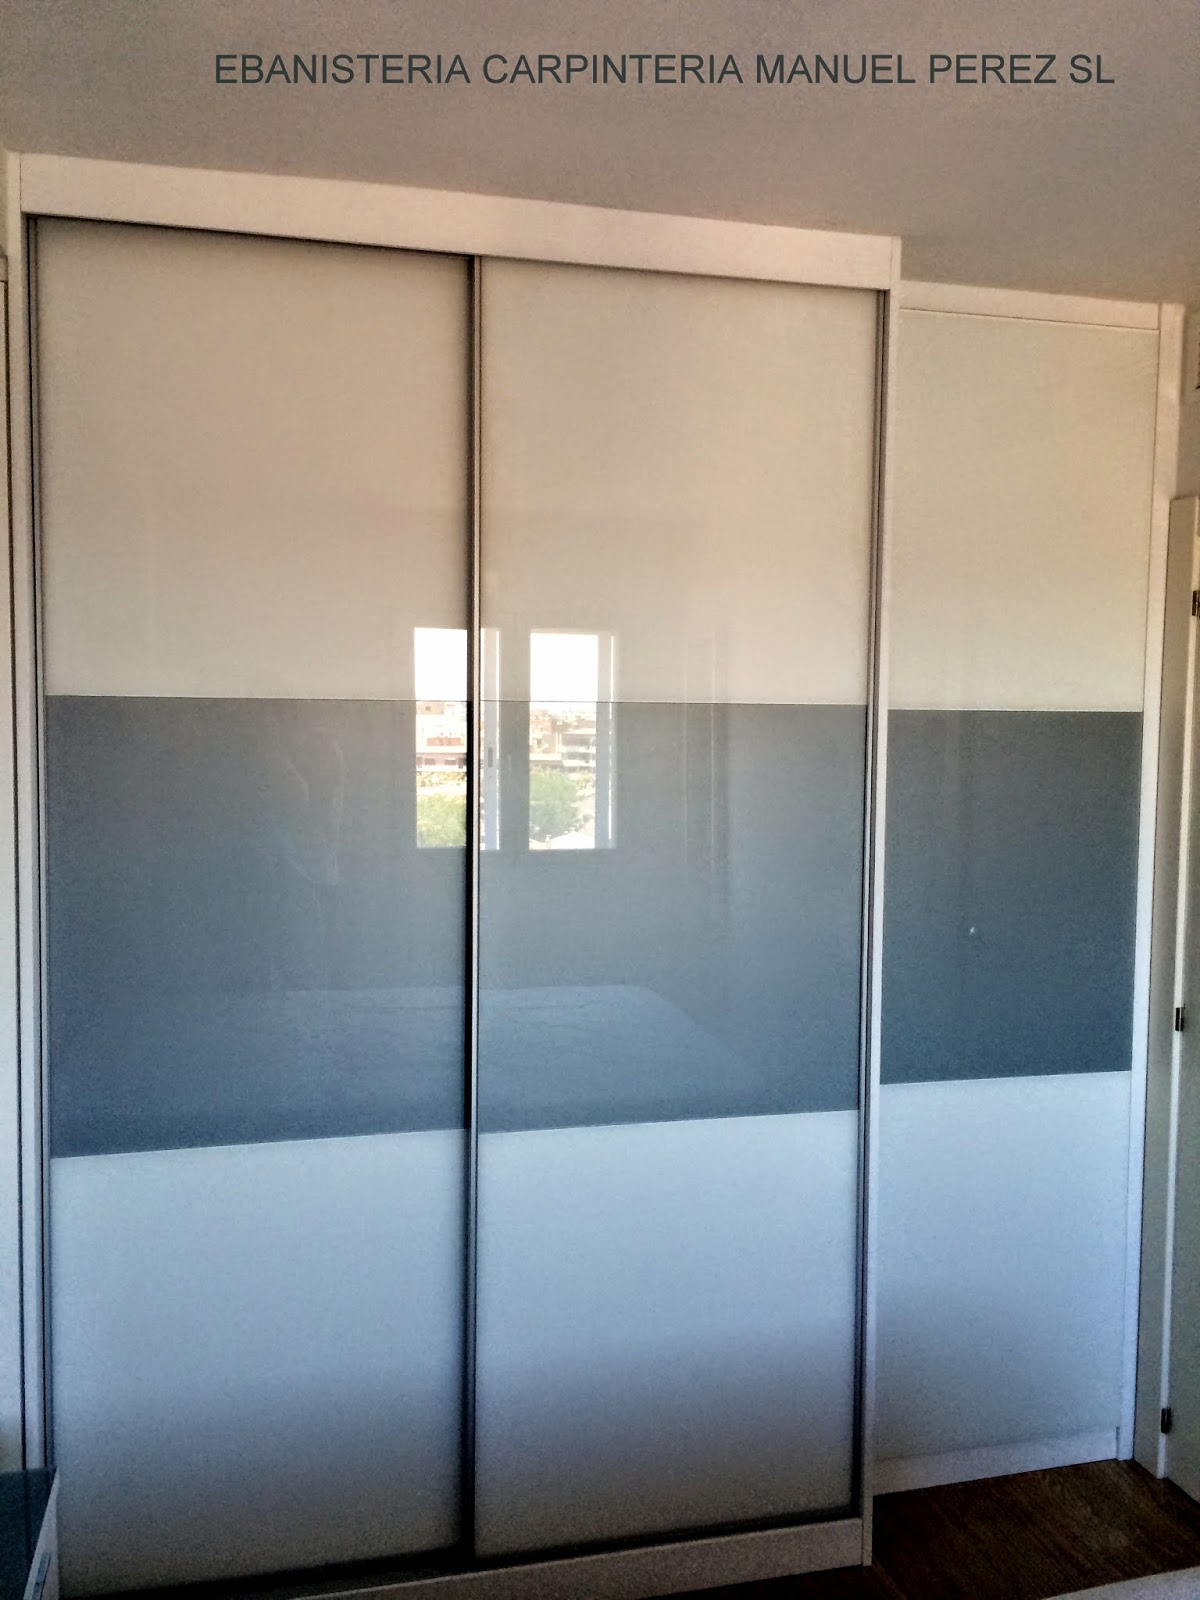 Ebanisteria carpinteria manuel perez zaragoza armario - Puertas correderas madera y cristal ...